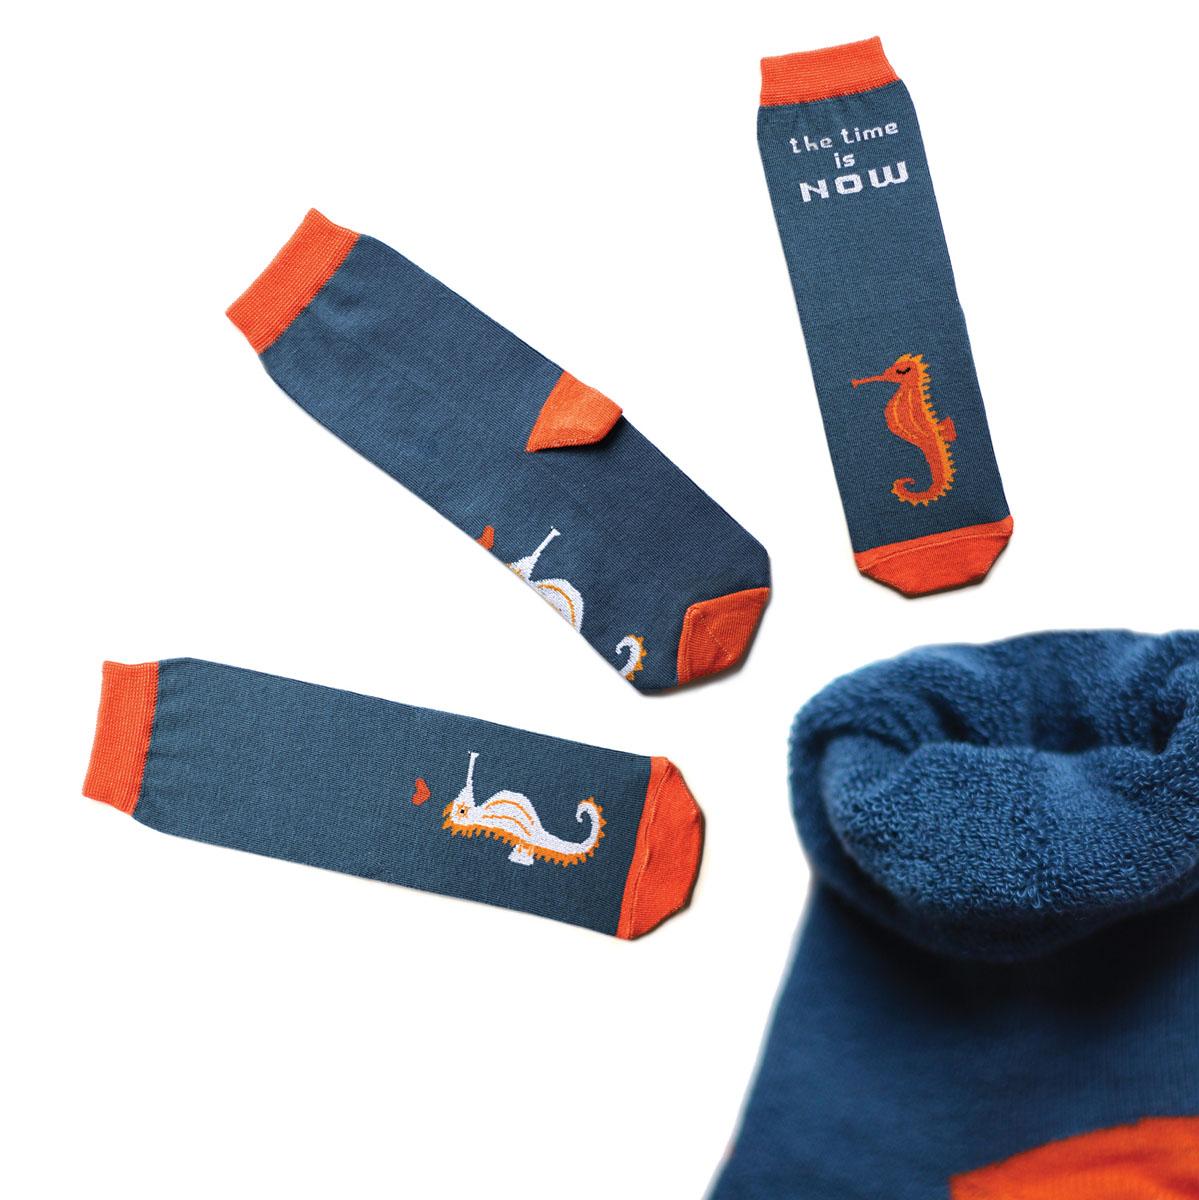 ca1933_махровыеТеплые мужские махровые носки Big Bang Socks изготовлены из высококачественного хлопка с добавлением полиамидных и эластановых волокон, которые обеспечивают великолепную посадку. Носки отличаются ярким стильным дизайном, они оформлены изображением морских коньков и надписью: The time is now. Удобная широкая резинка идеально облегает ногу и не пережимает сосуды, усиленные пятка и мысок повышают износоустойчивость носка, а удлиненный паголенок придает более эстетичный вид. Дизайнерские носки Big Bang Socks - яркая деталь в вашем образе и оригинальный подарок для друзей и близких.